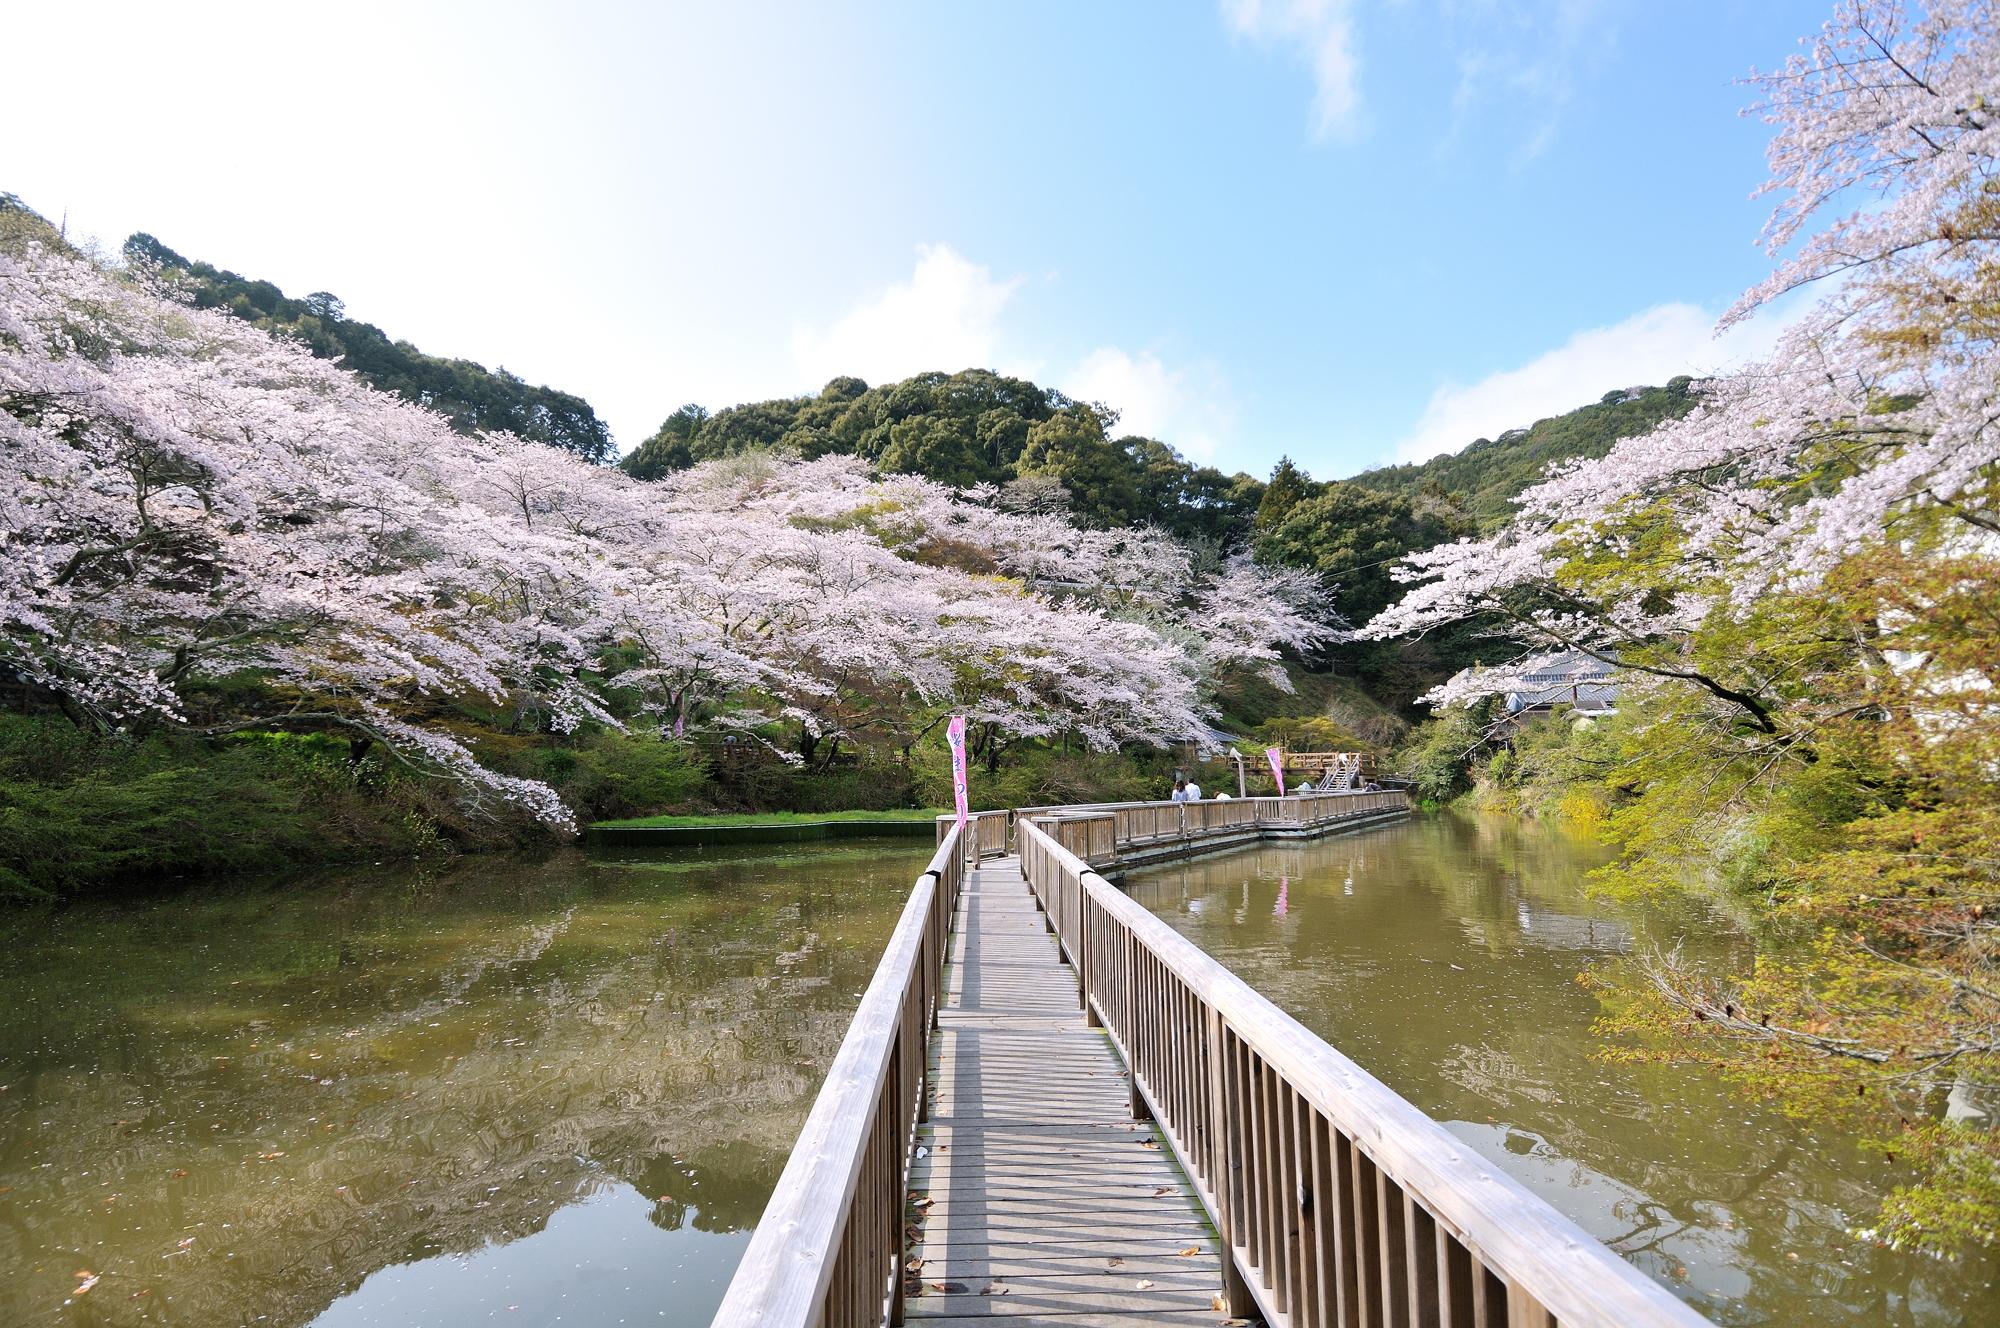 晴れた日には水面に桜が映り込む